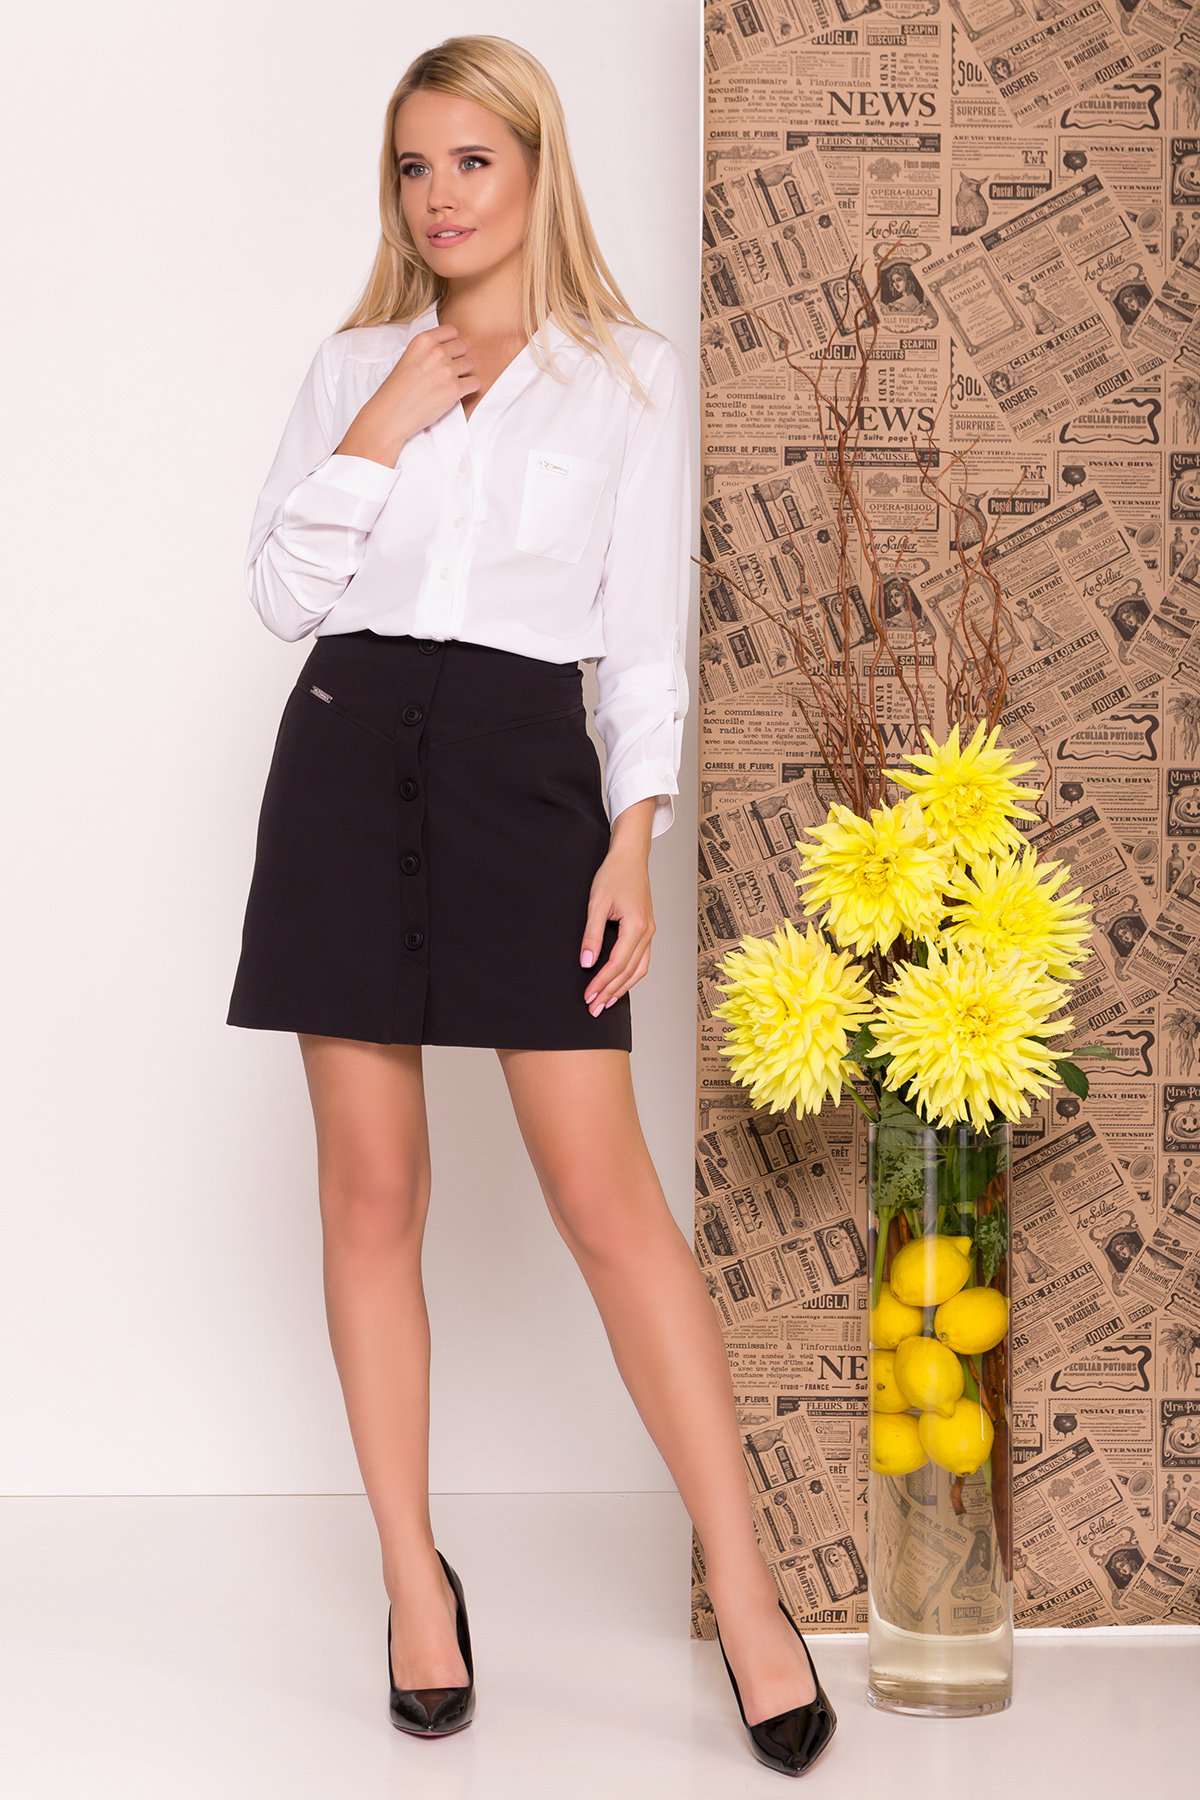 Блуза с длинным рукавом рукавом Кумир 7698 Цвет: Белый